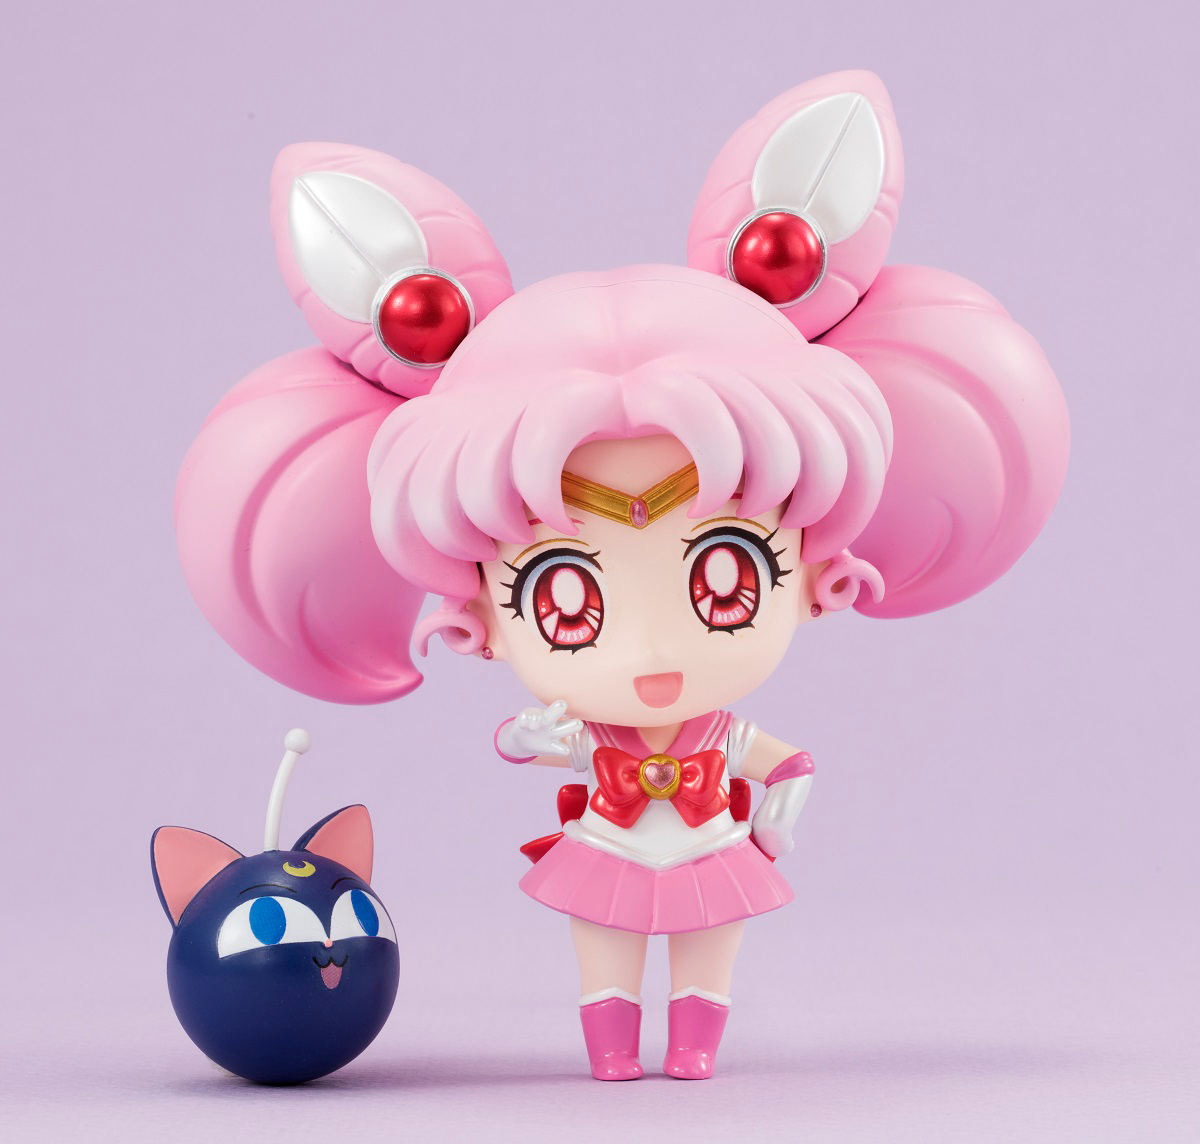 Sailor Chibi Moon Sailor Moon Petite Chara DX Figure 4535123820441